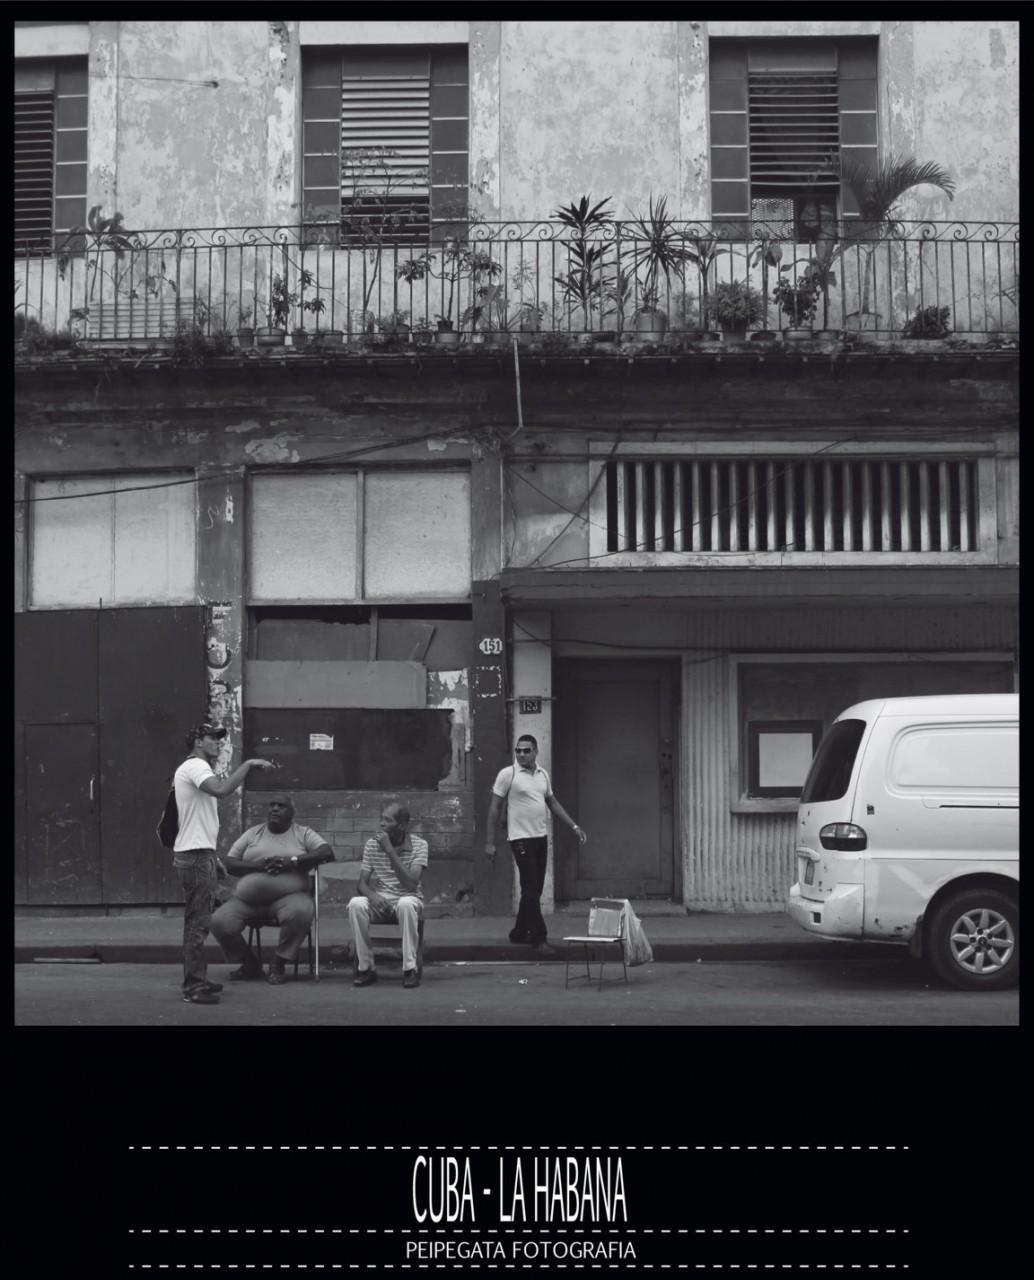 peipegata cuba habana viajes fotografia peipegatafotografia